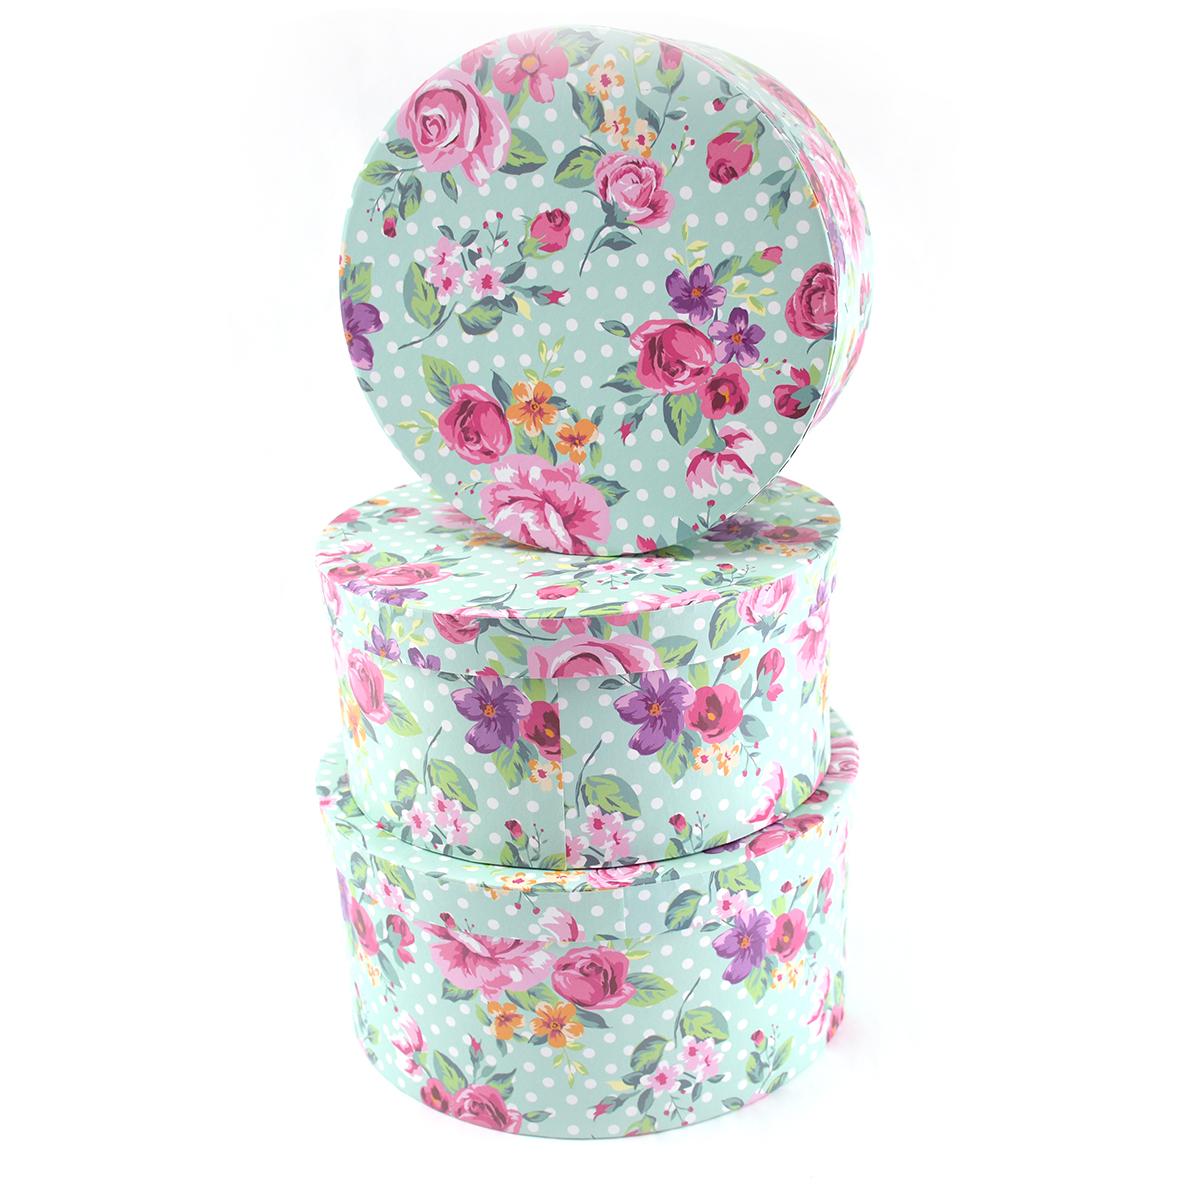 Ambalaje Flori ONLINE vinde Cutie Rotunda Set 3 Bujori Mint la pretul de 27.9 lei